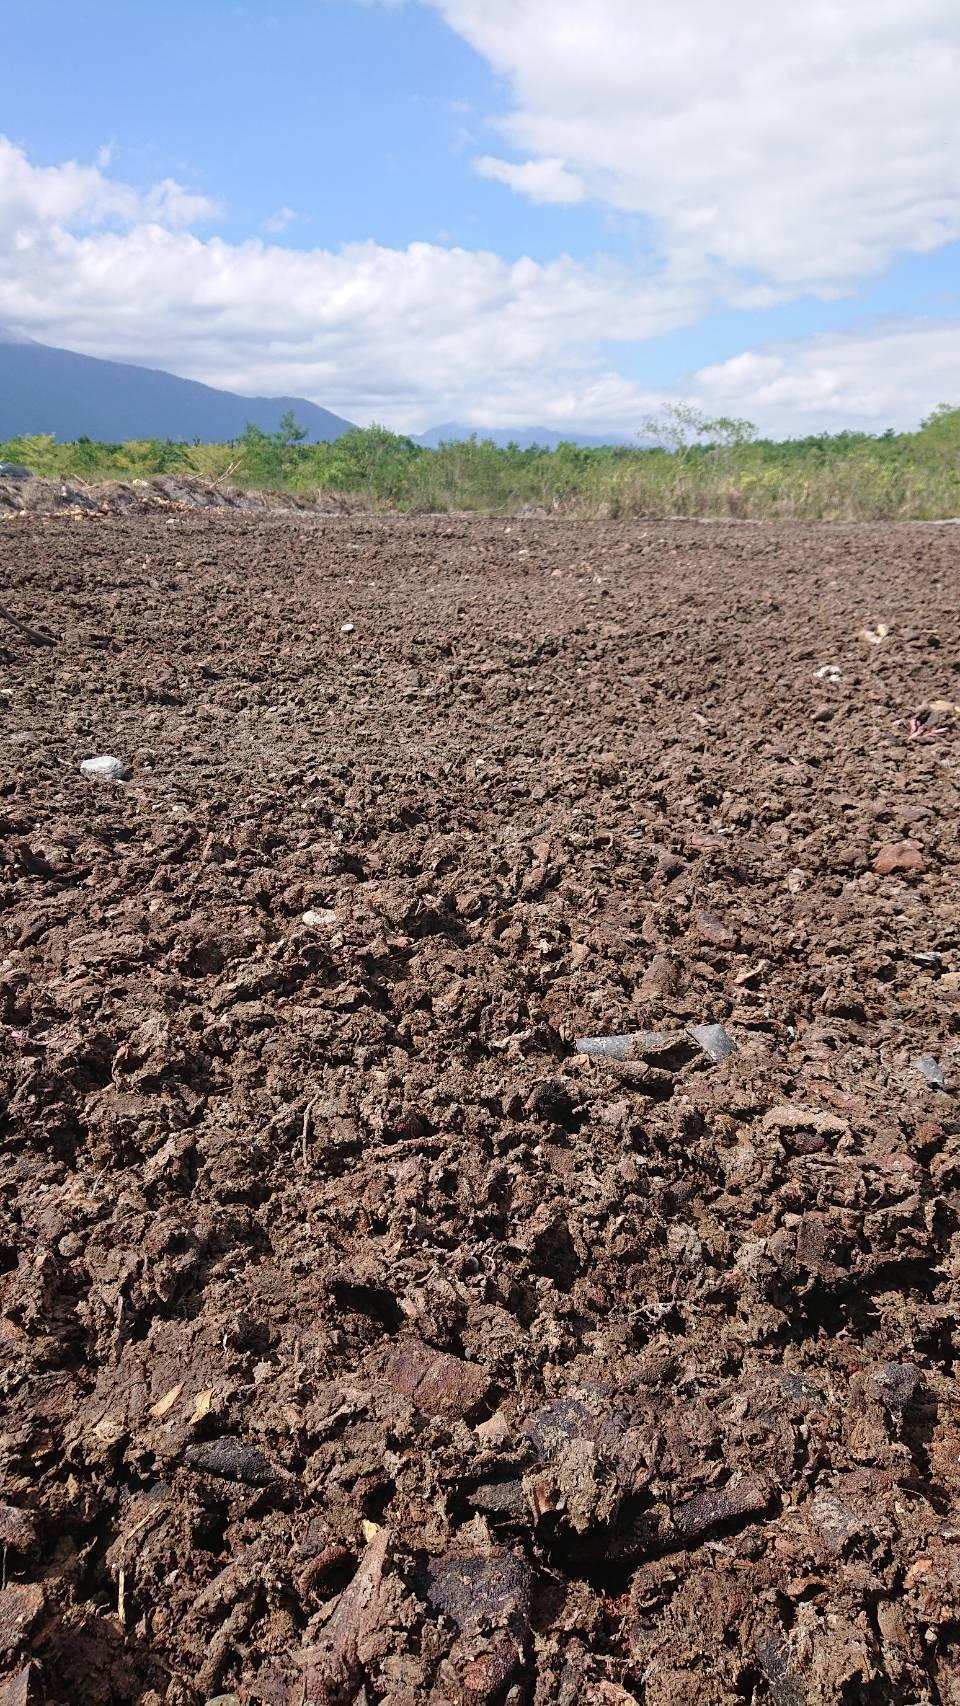 農糧署指柚子堆肥可幫助土壤更加肥沃。圖/農糧署提供